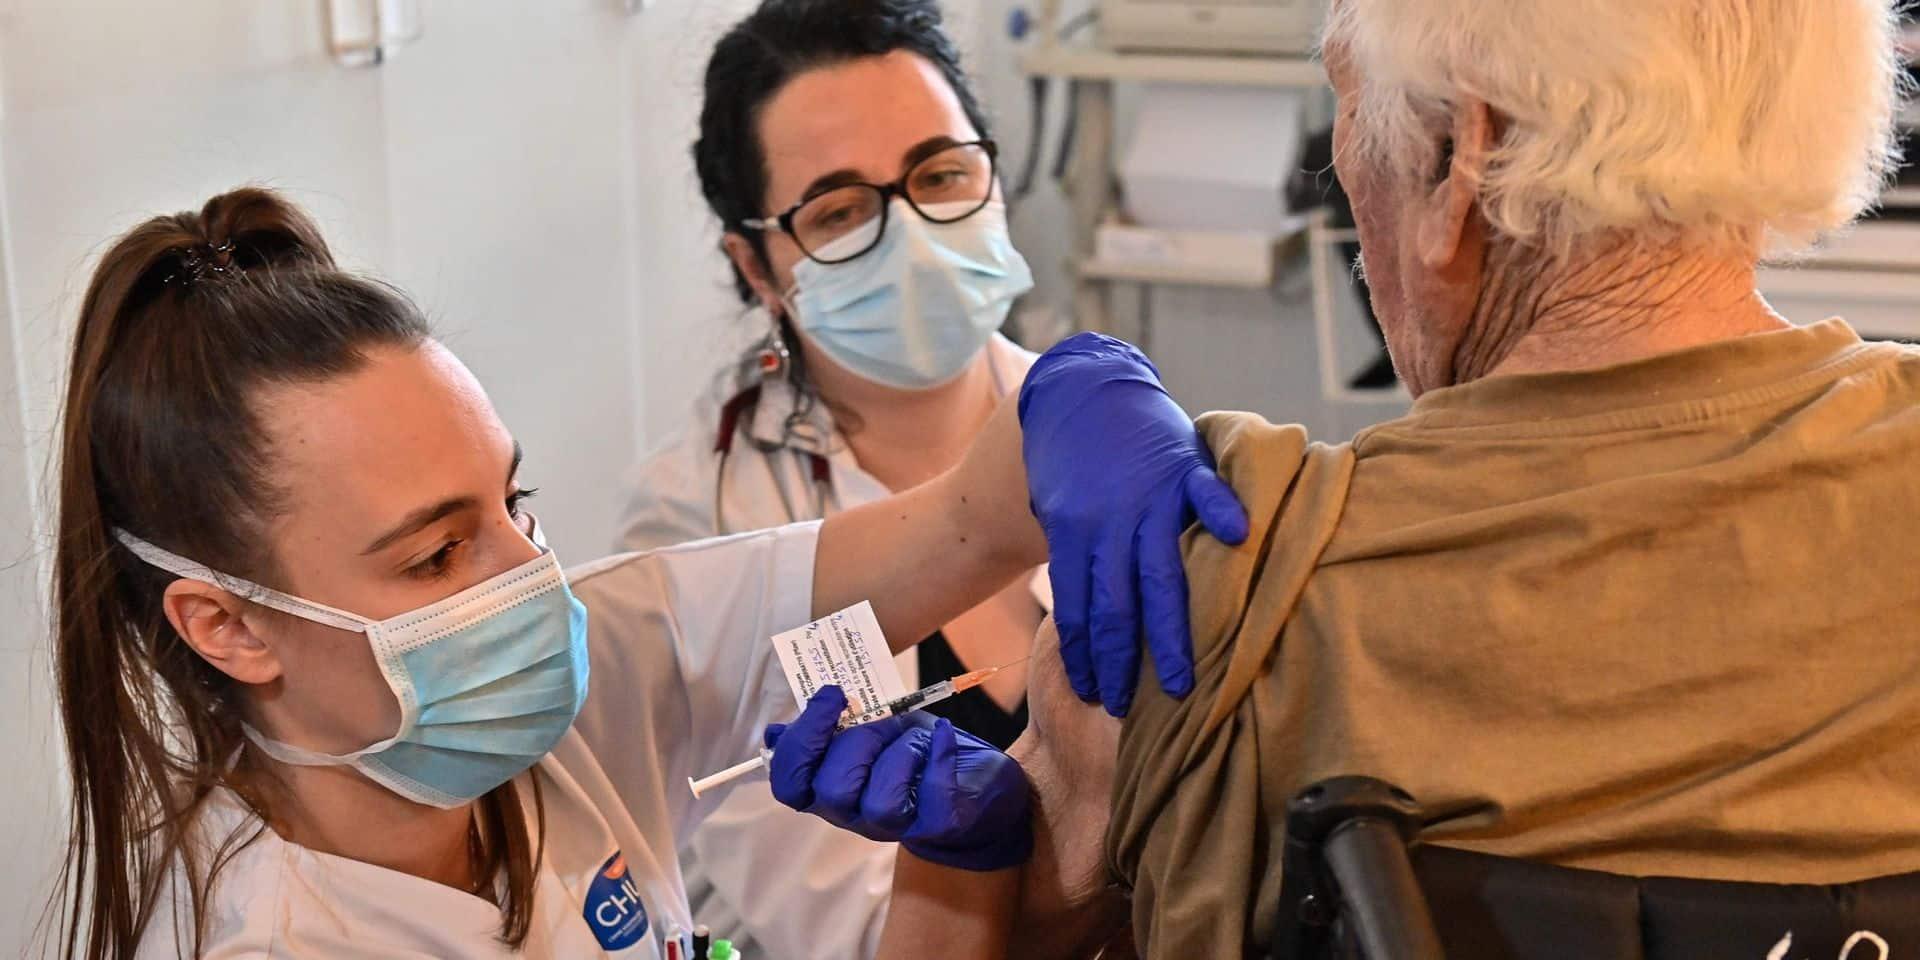 Aucune preuve que le vaccin Pfizer-BioNtech protègera sans 2e injection après 21 jours